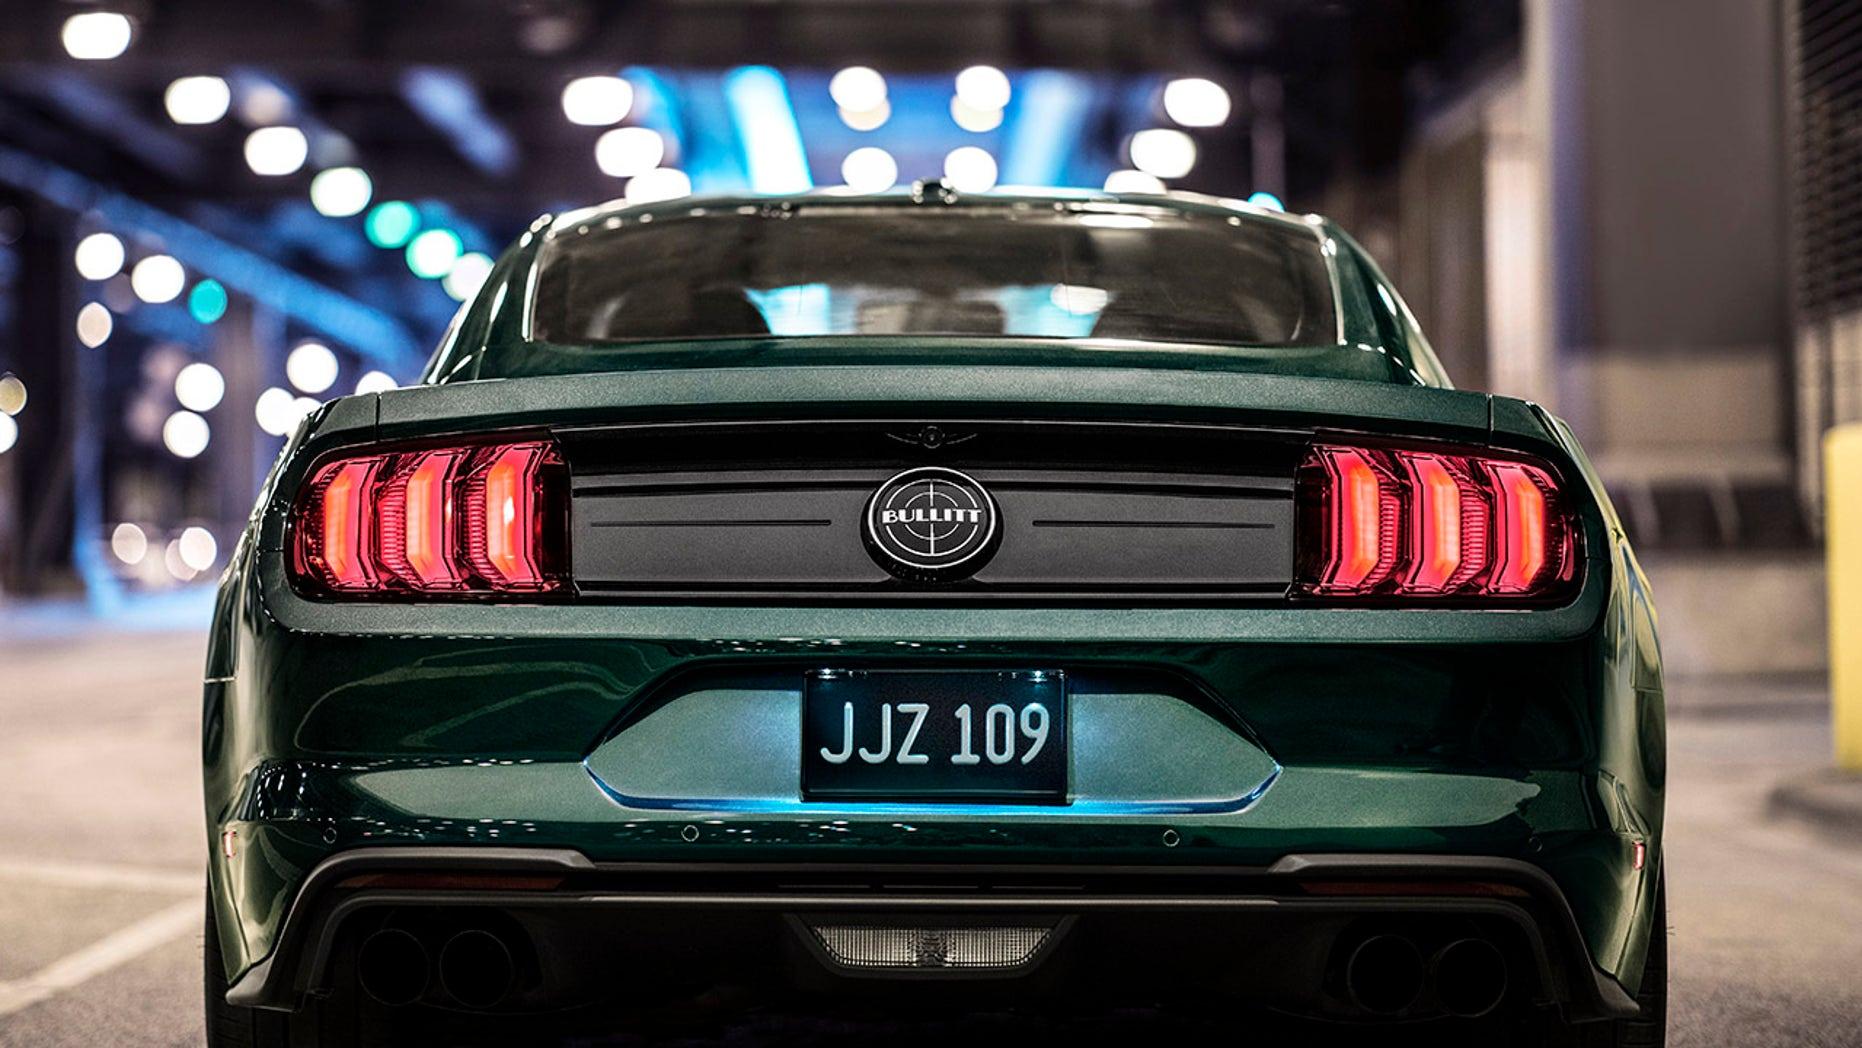 2019 Bullitt Ford Mustang GT Rear View